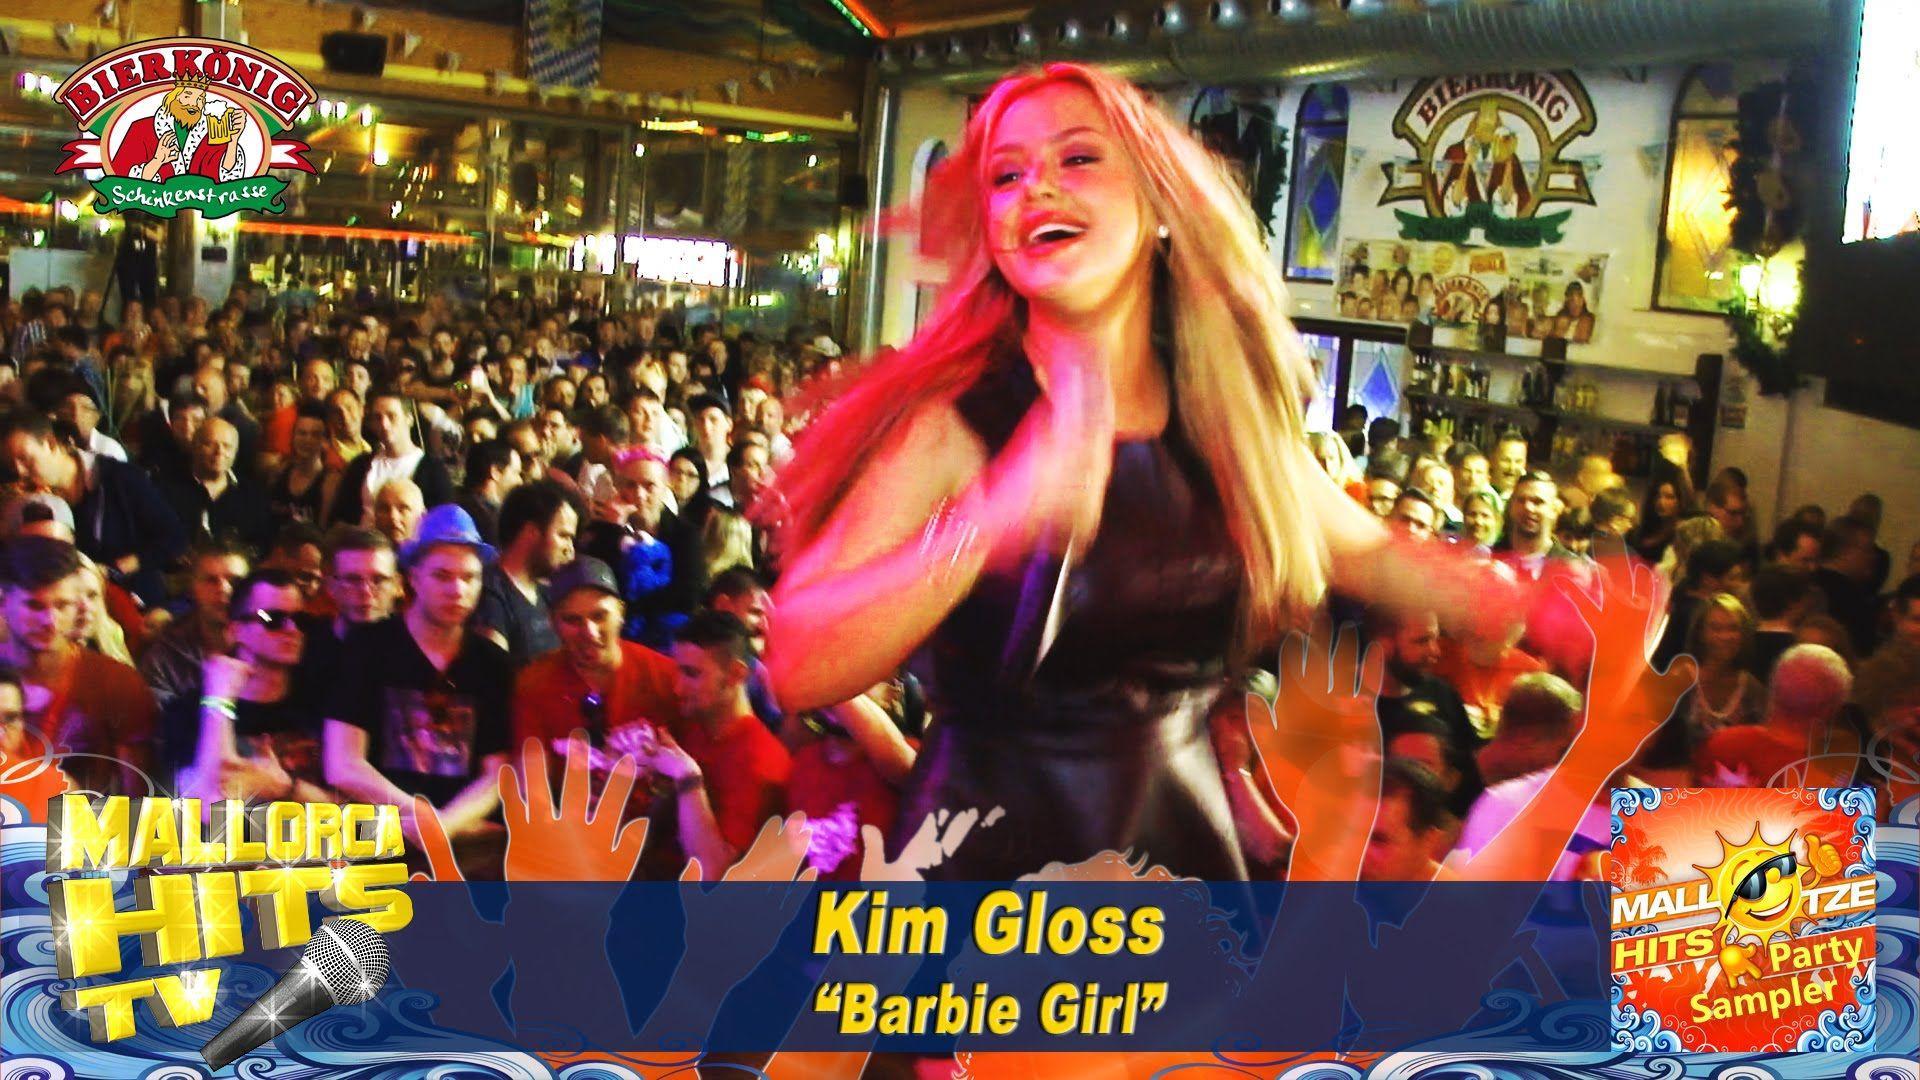 Deutsches Barbie Girl beim Dreier zerfickt